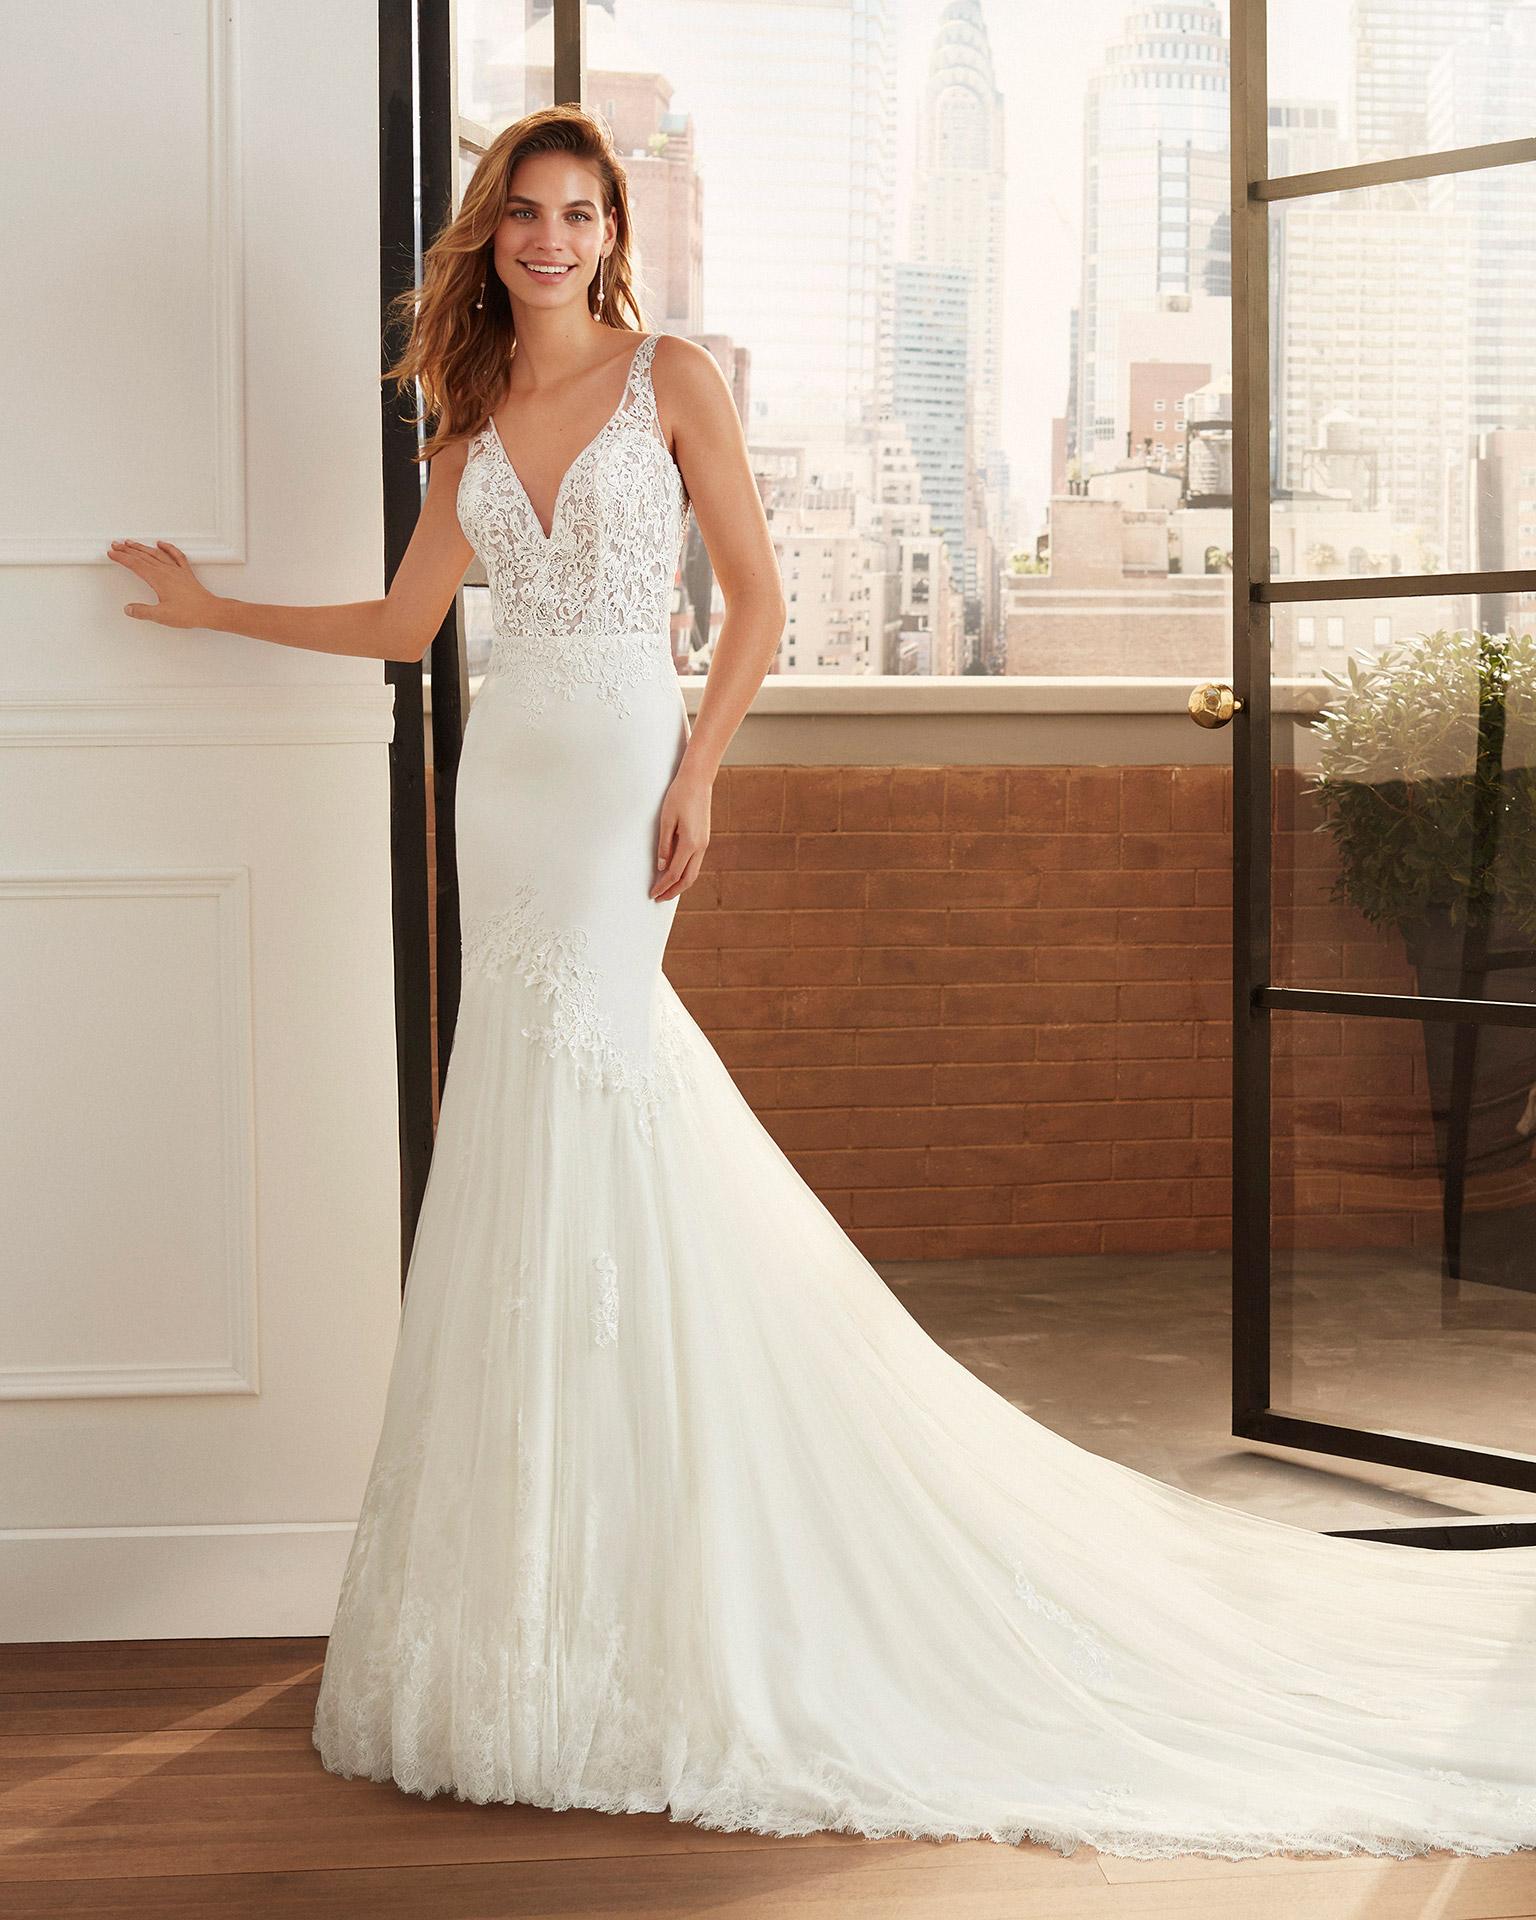 Vestido de novia corte sirena de crep, encaje con pedrería y tul con escote deep-plunge y espalda escotada en pico. Colección  2020.